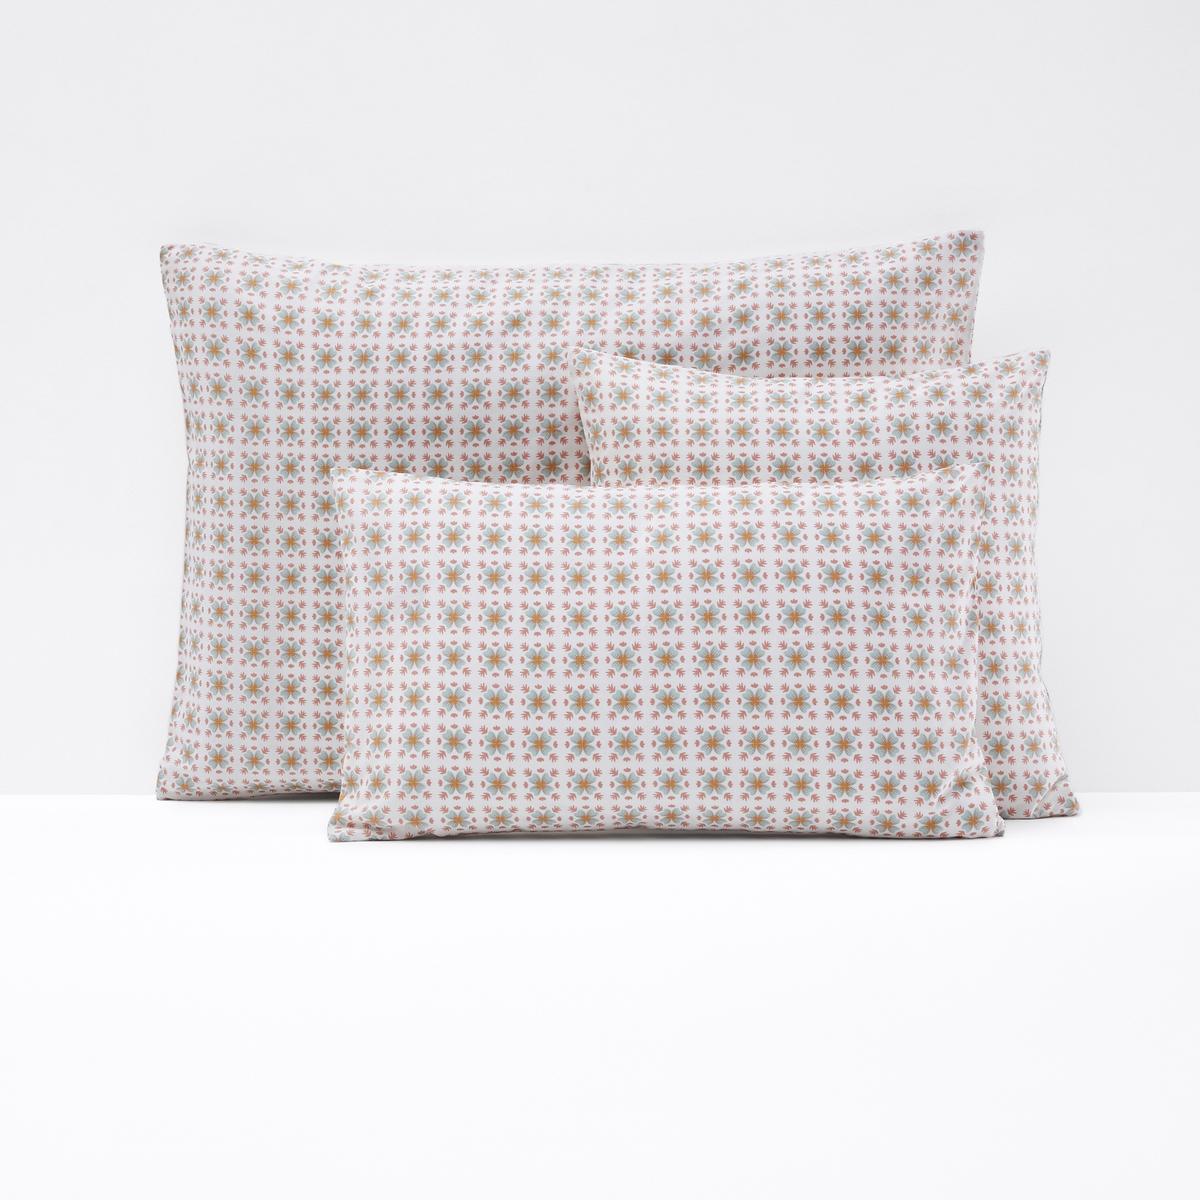 Чехол La Redoute На подушку или наволочка из перкали AMELIA 40 x 40 см бежевый цены